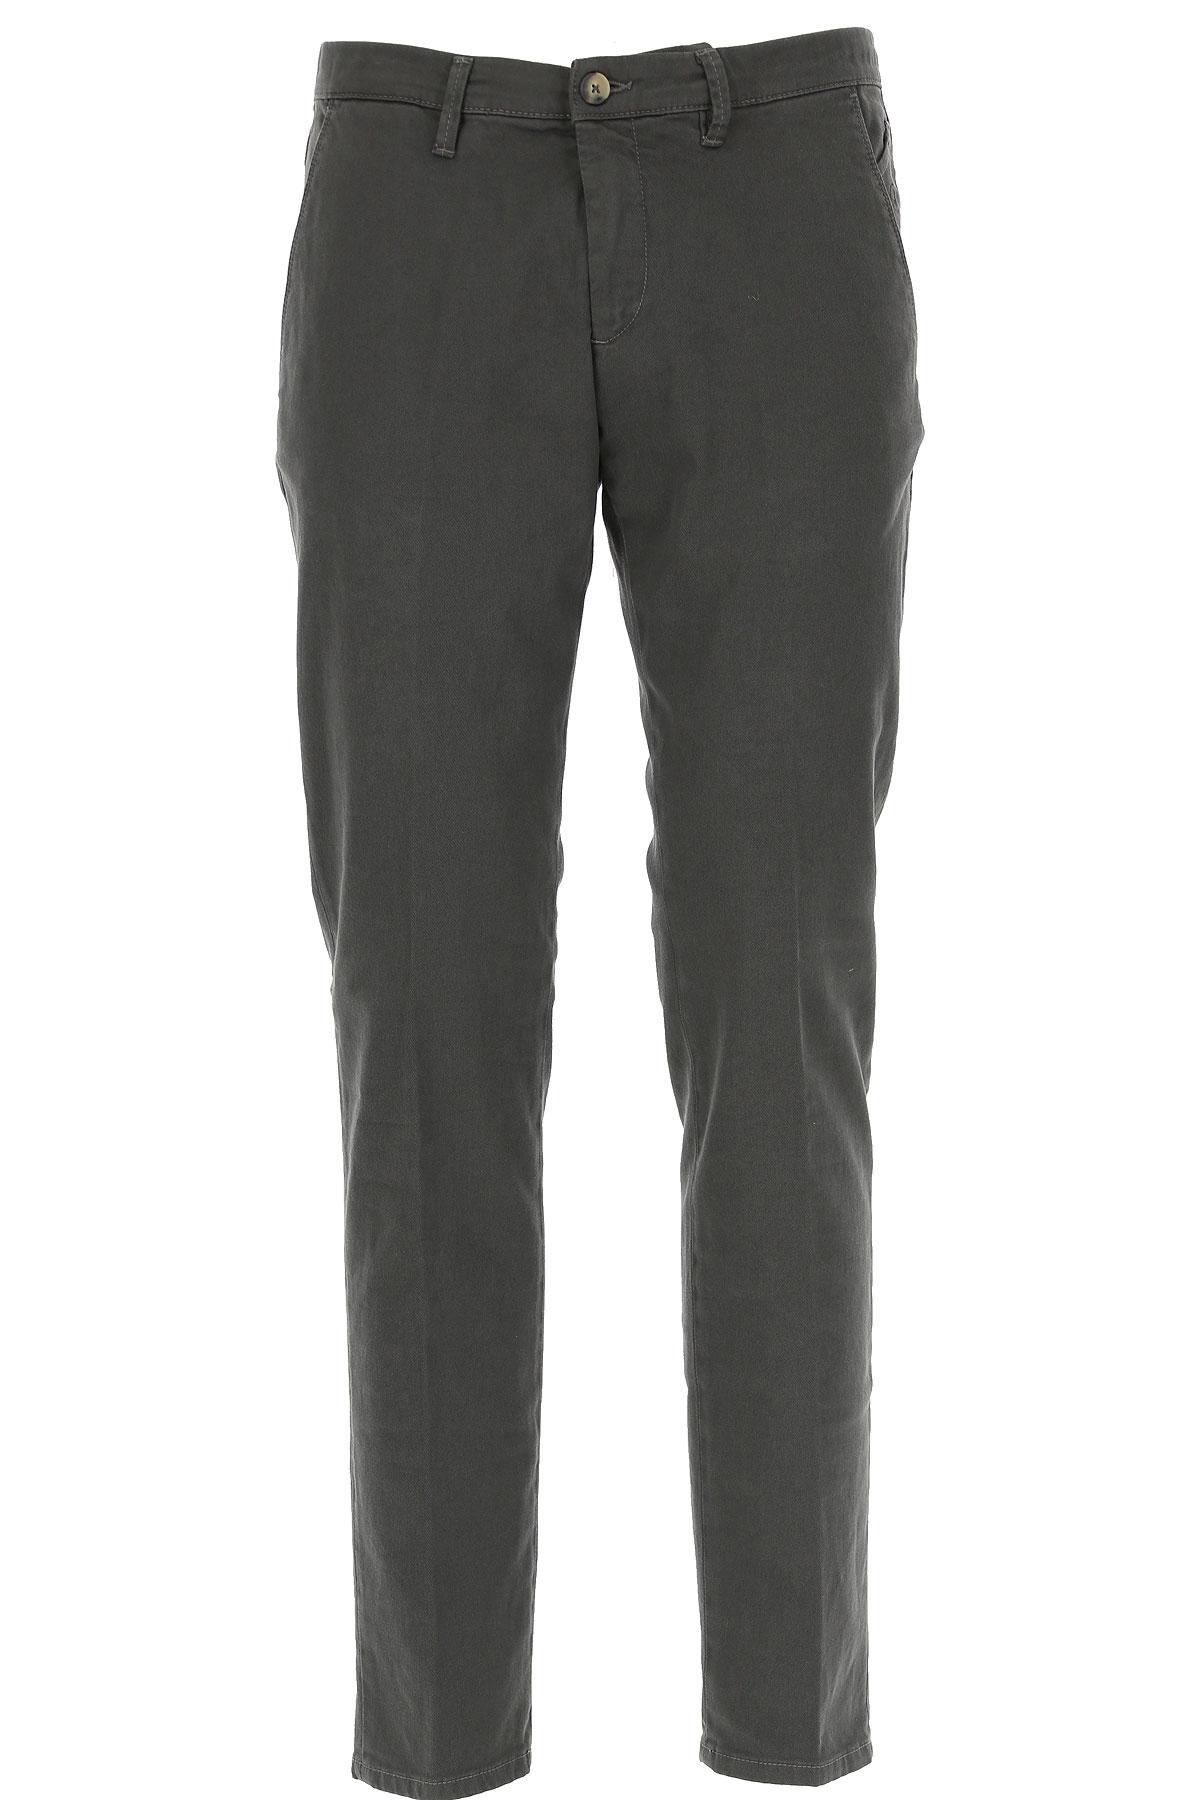 Jeckerson Pants for Men On Sale, Asphalt Grey, Cotton, 2019, 30 31 32 33 34 35 36